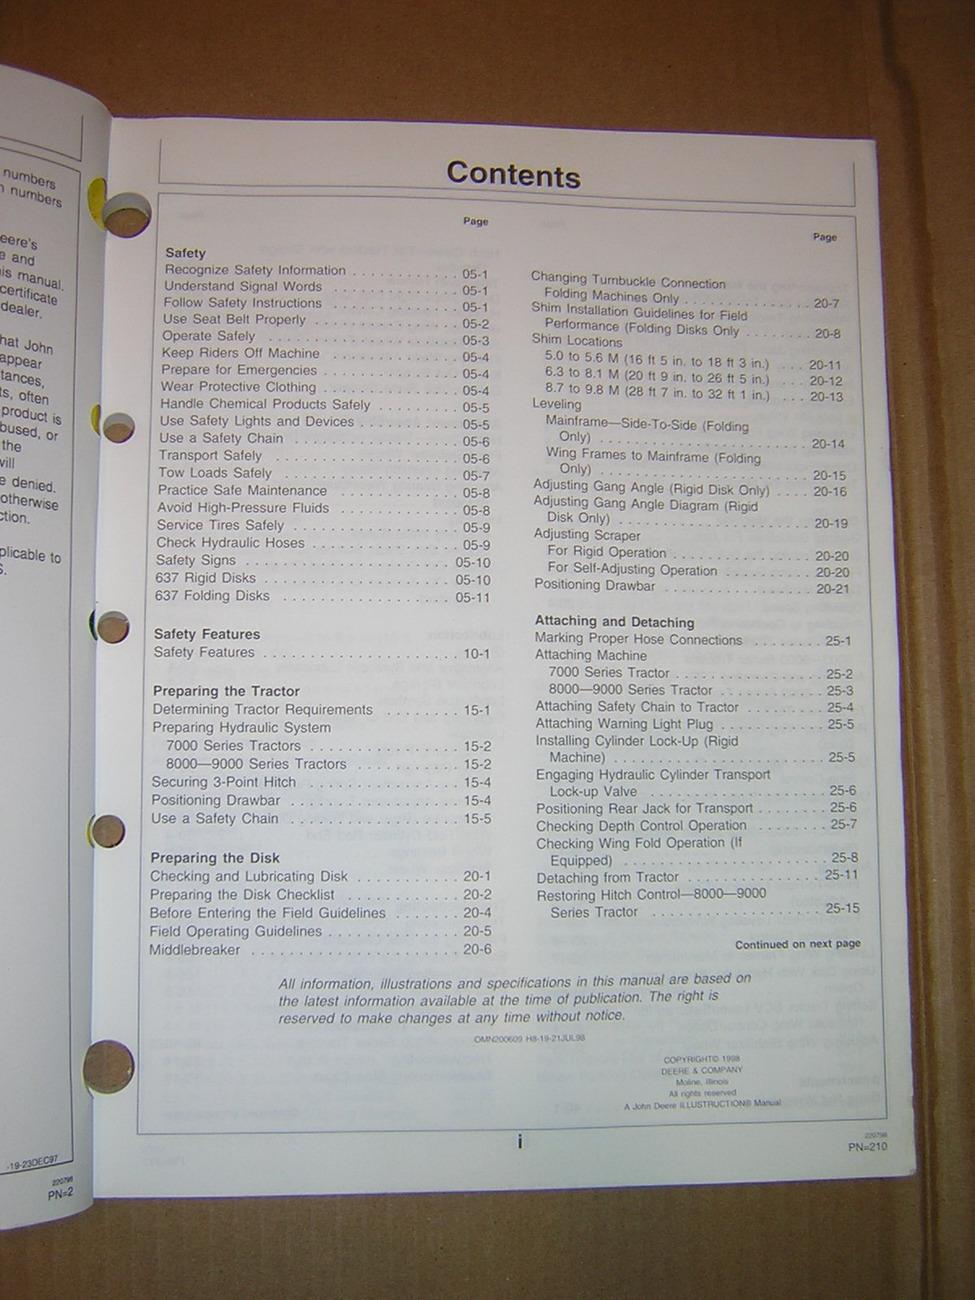 John Deere 637 Regular, Rock and WheatLand Disk Operator's Manual